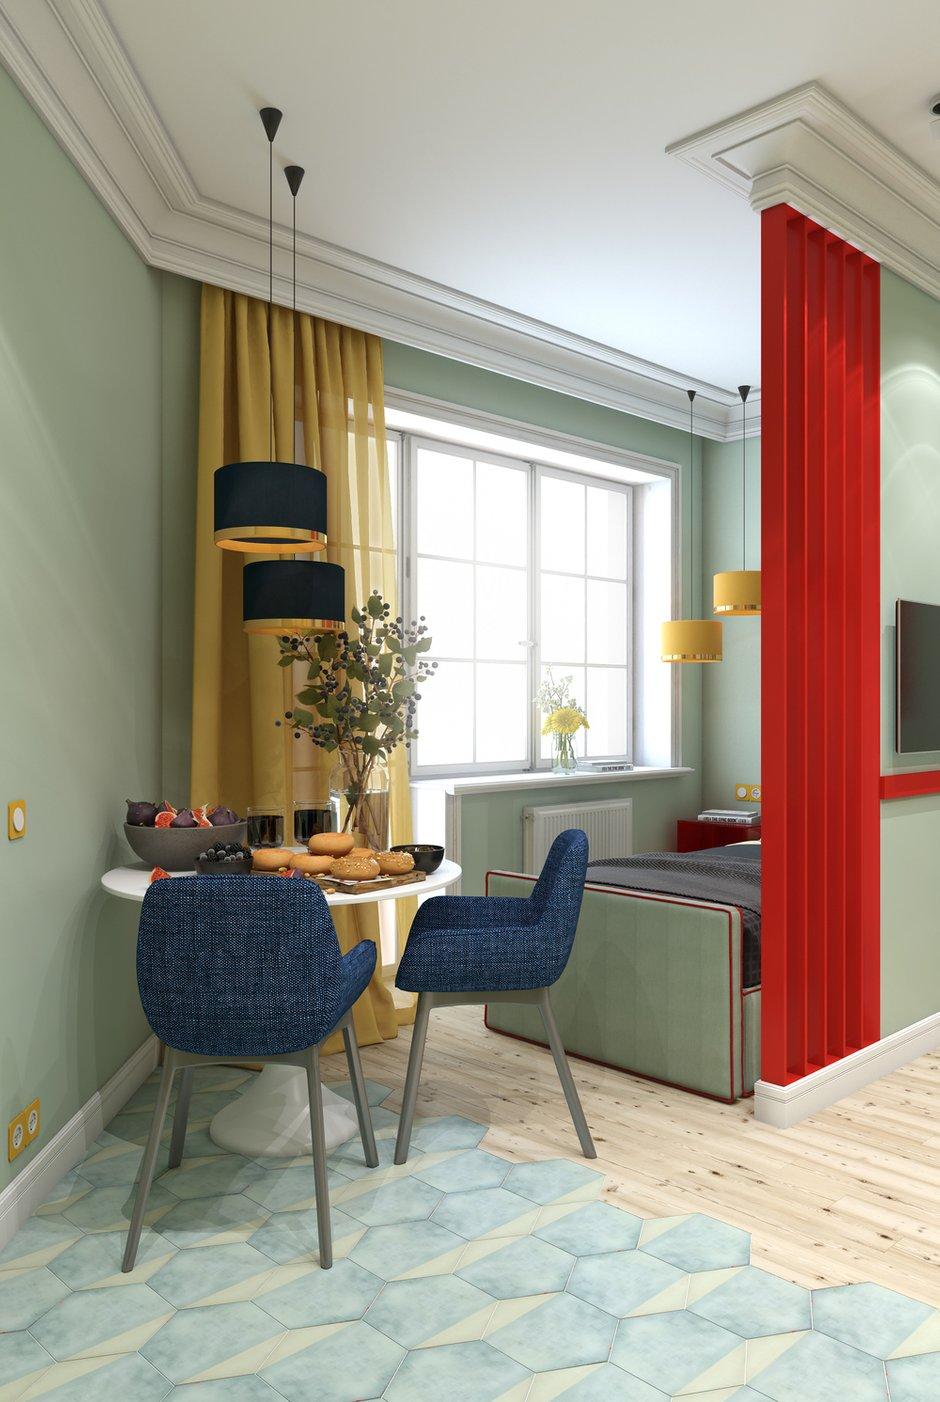 Фотография: Кухня и столовая в стиле Современный, Квартира, Студия, Проект недели, Марина Саркисян, Финляндия, до 40 метров – фото на INMYROOM